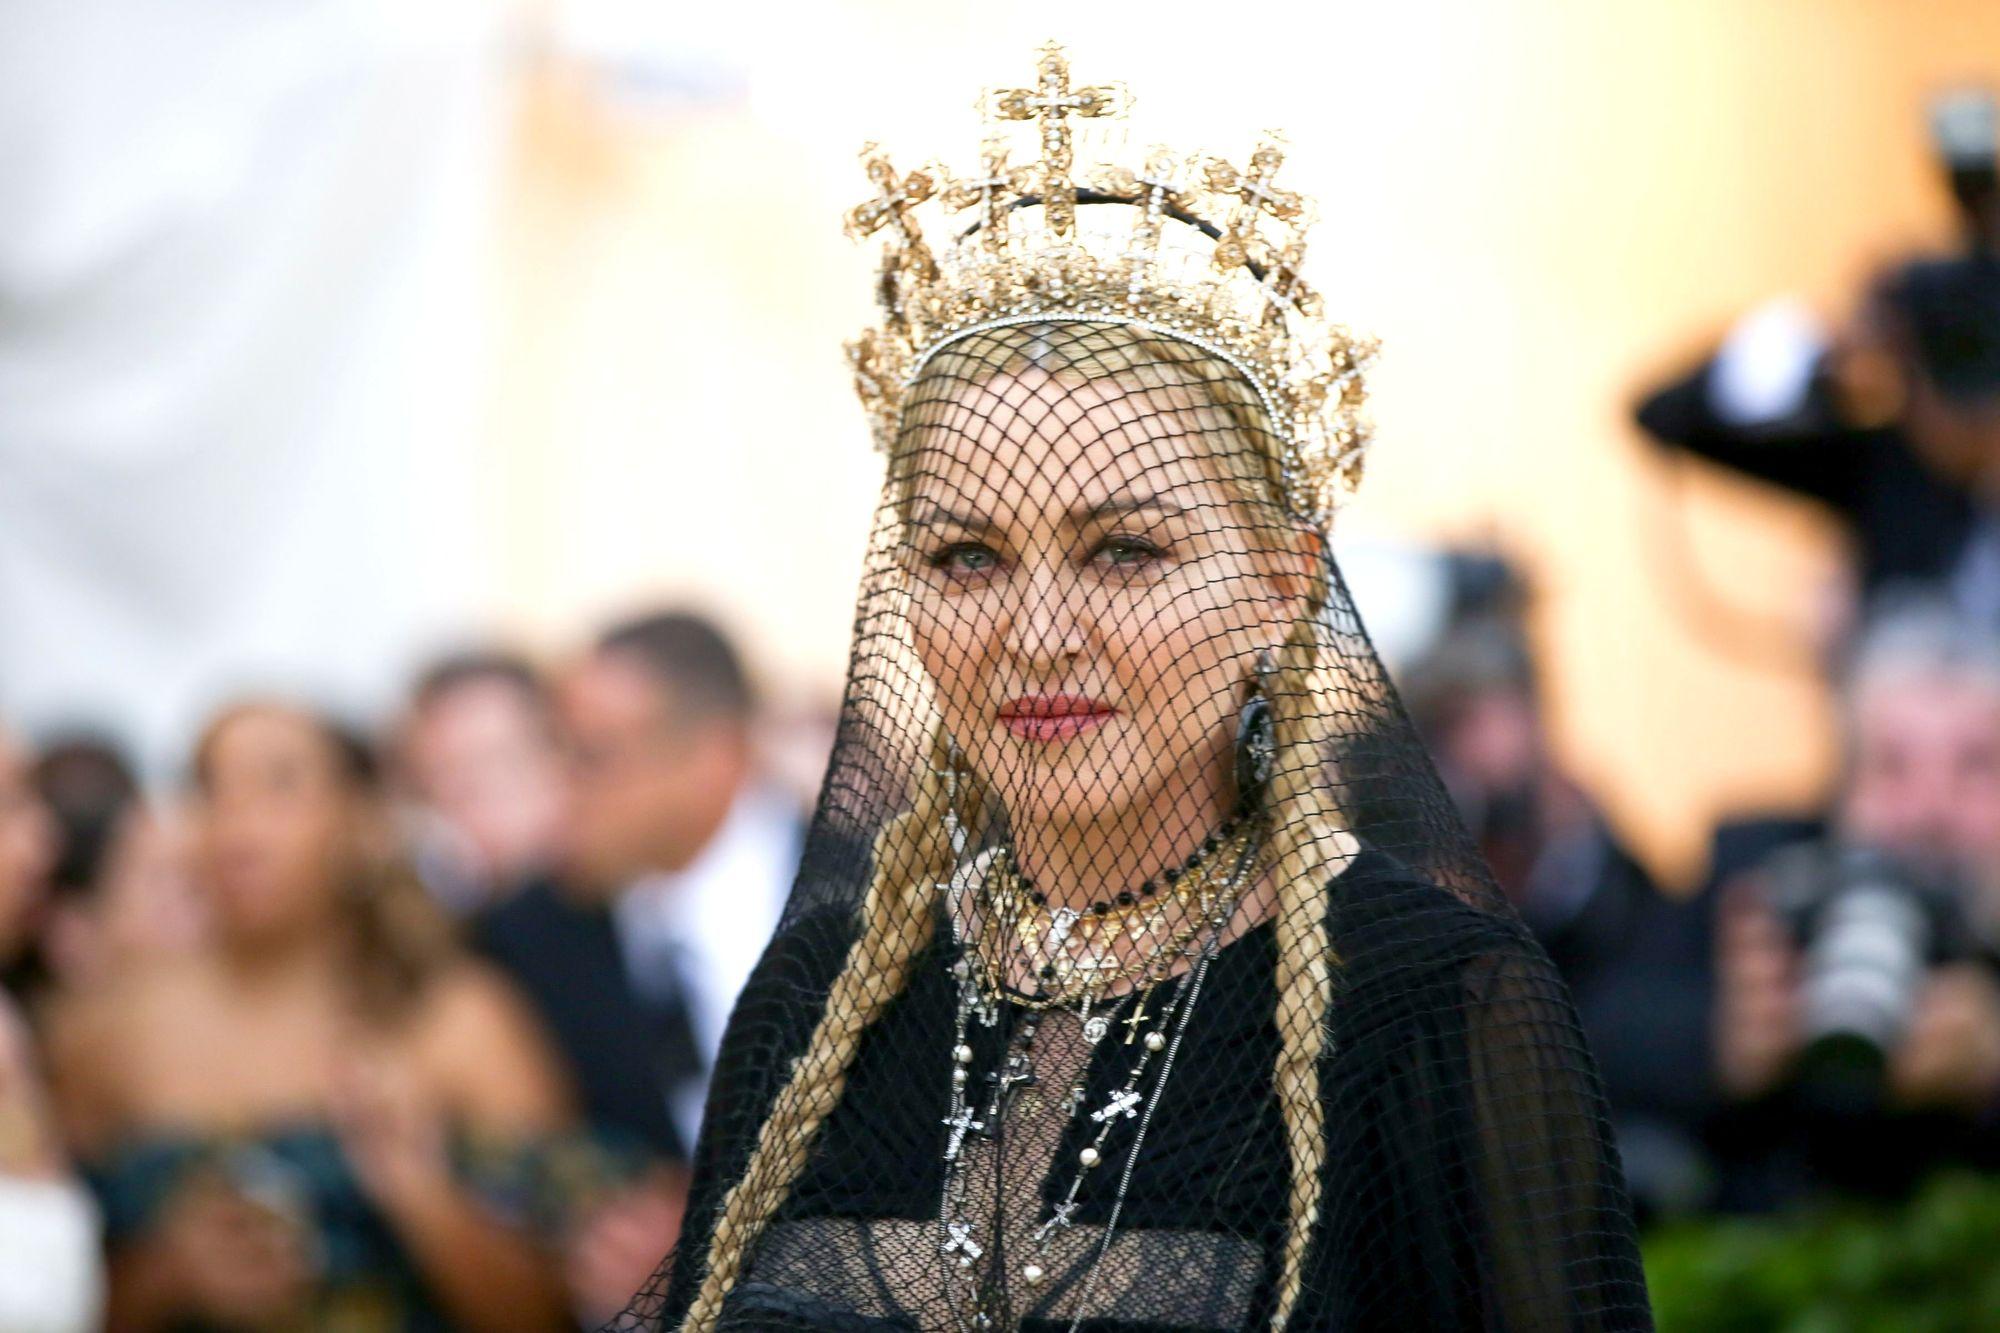 11 ikonische Madonna-Frisuren: Die wechselnden Looks der Queen of Pop